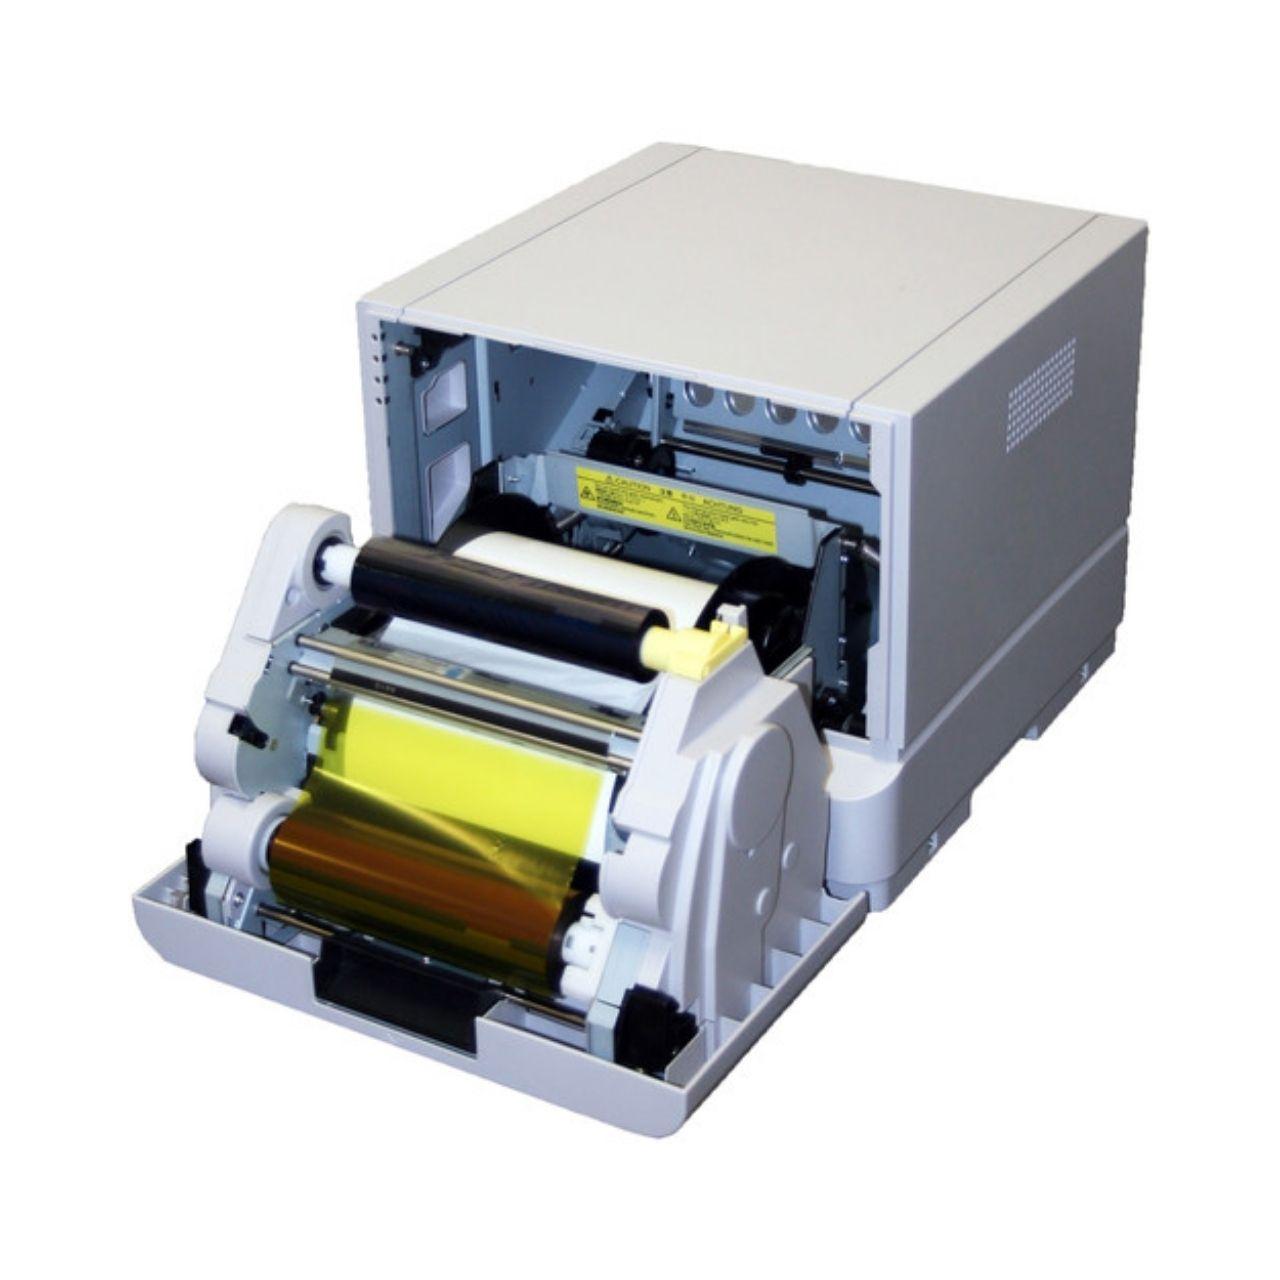 DNP DS-RX1 HS Impresora + Software de Kiosco y Foto carnet